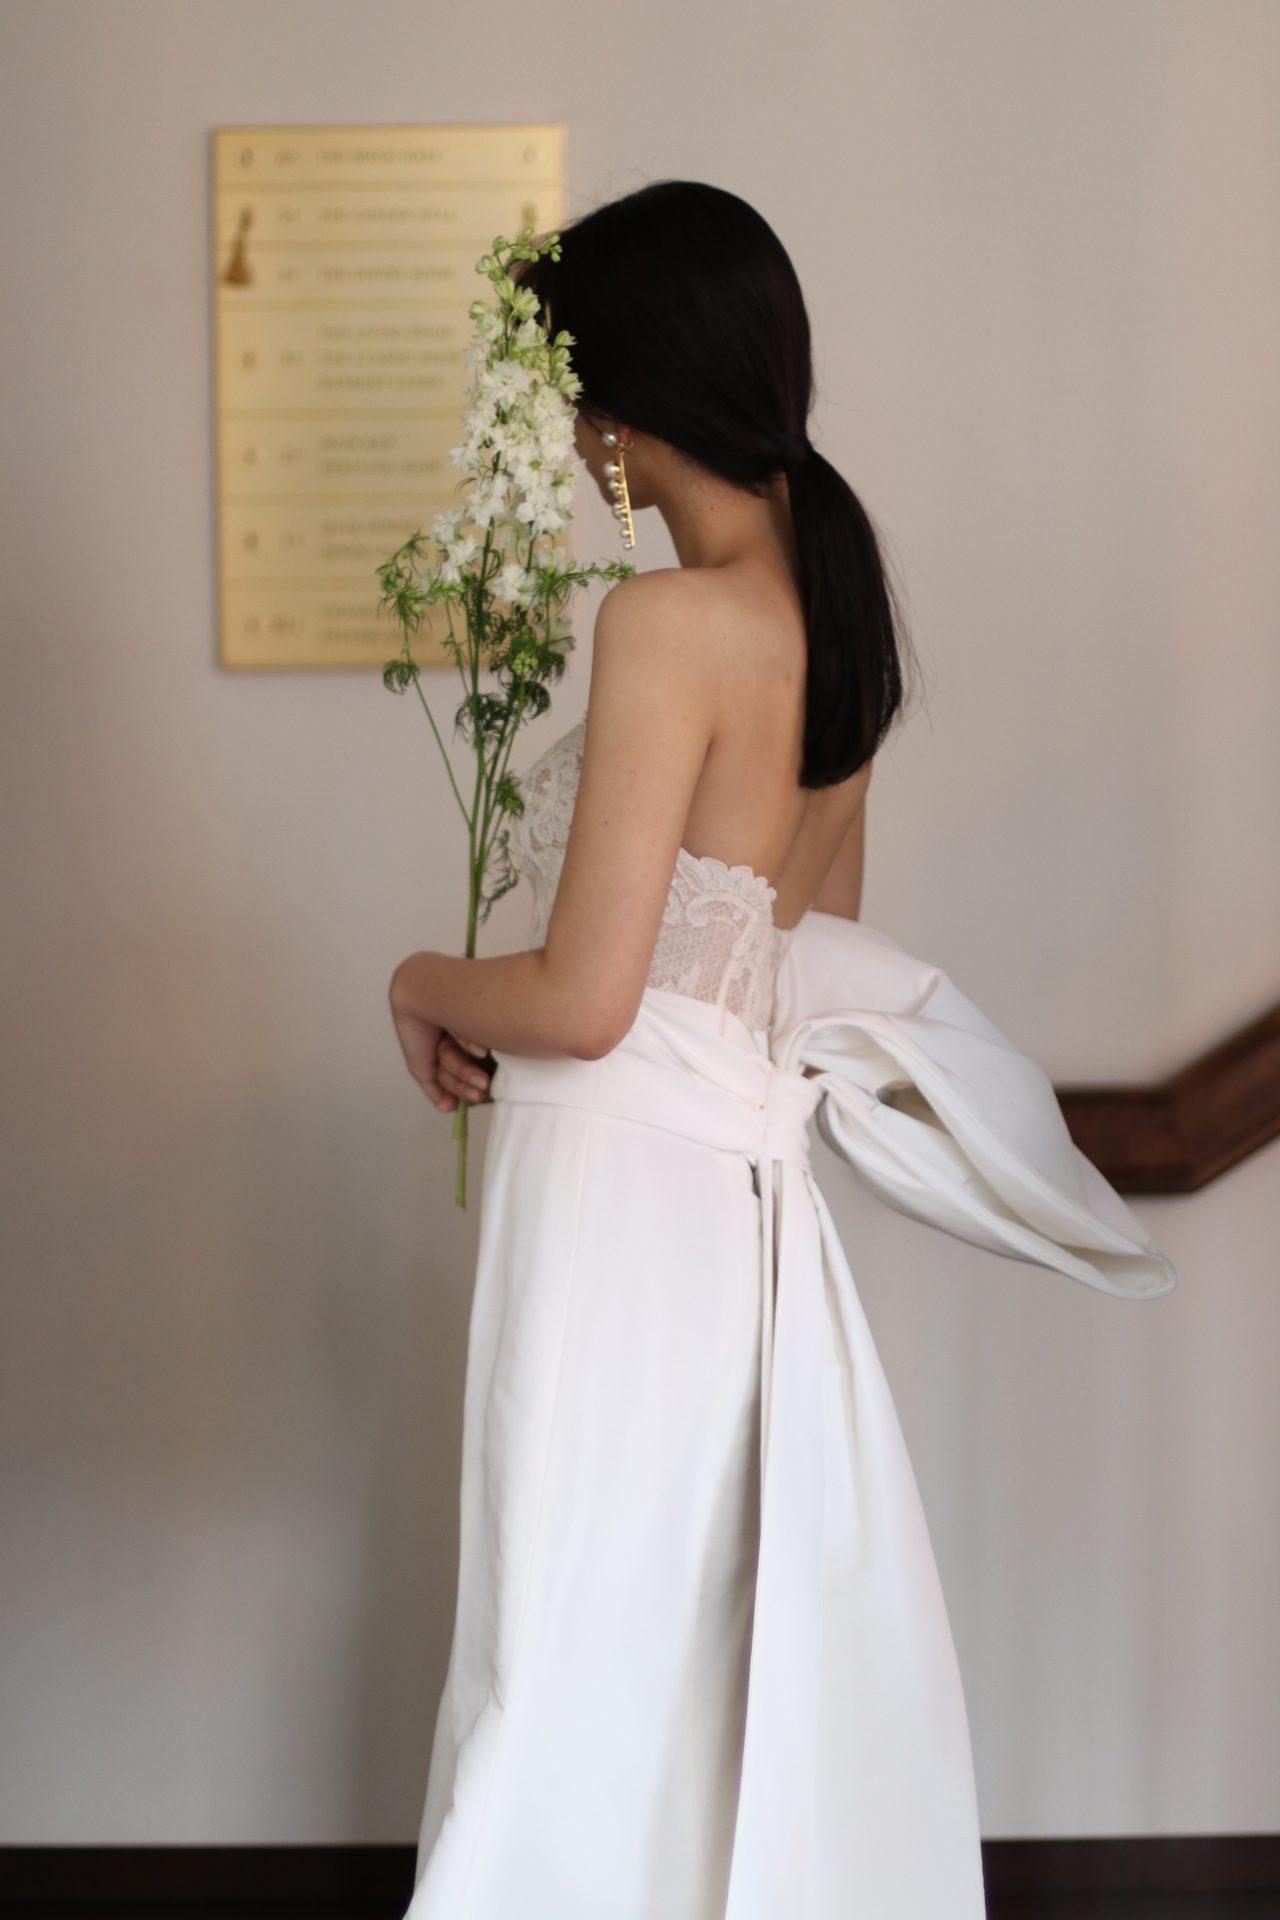 ザトリートドレッシング名古屋店の提携の結婚式場ザコンダーハウスにおすすめのオスカーデラレンタのマーメイドラインのウェディングドレス